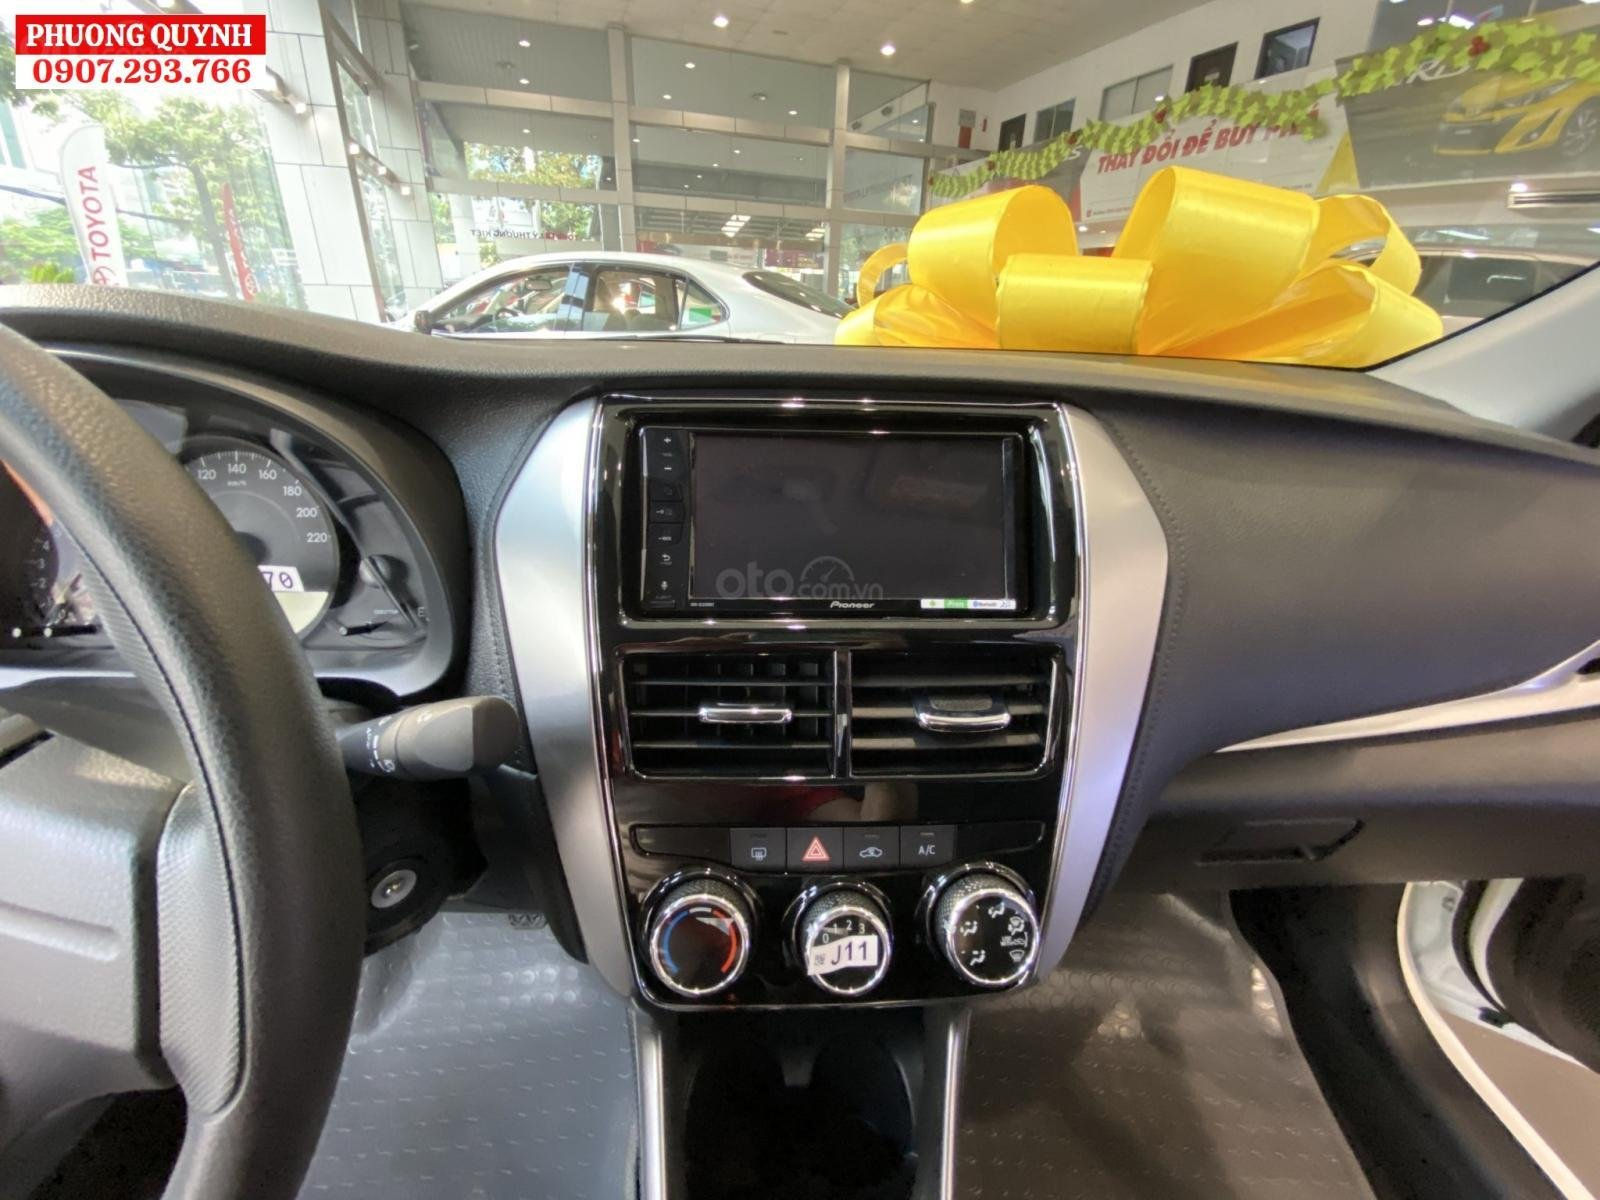 Toyota Vios 2020 giá tốt - khuyến mãi nhiều - giảm ngay 50% thuế trước bạ (5)